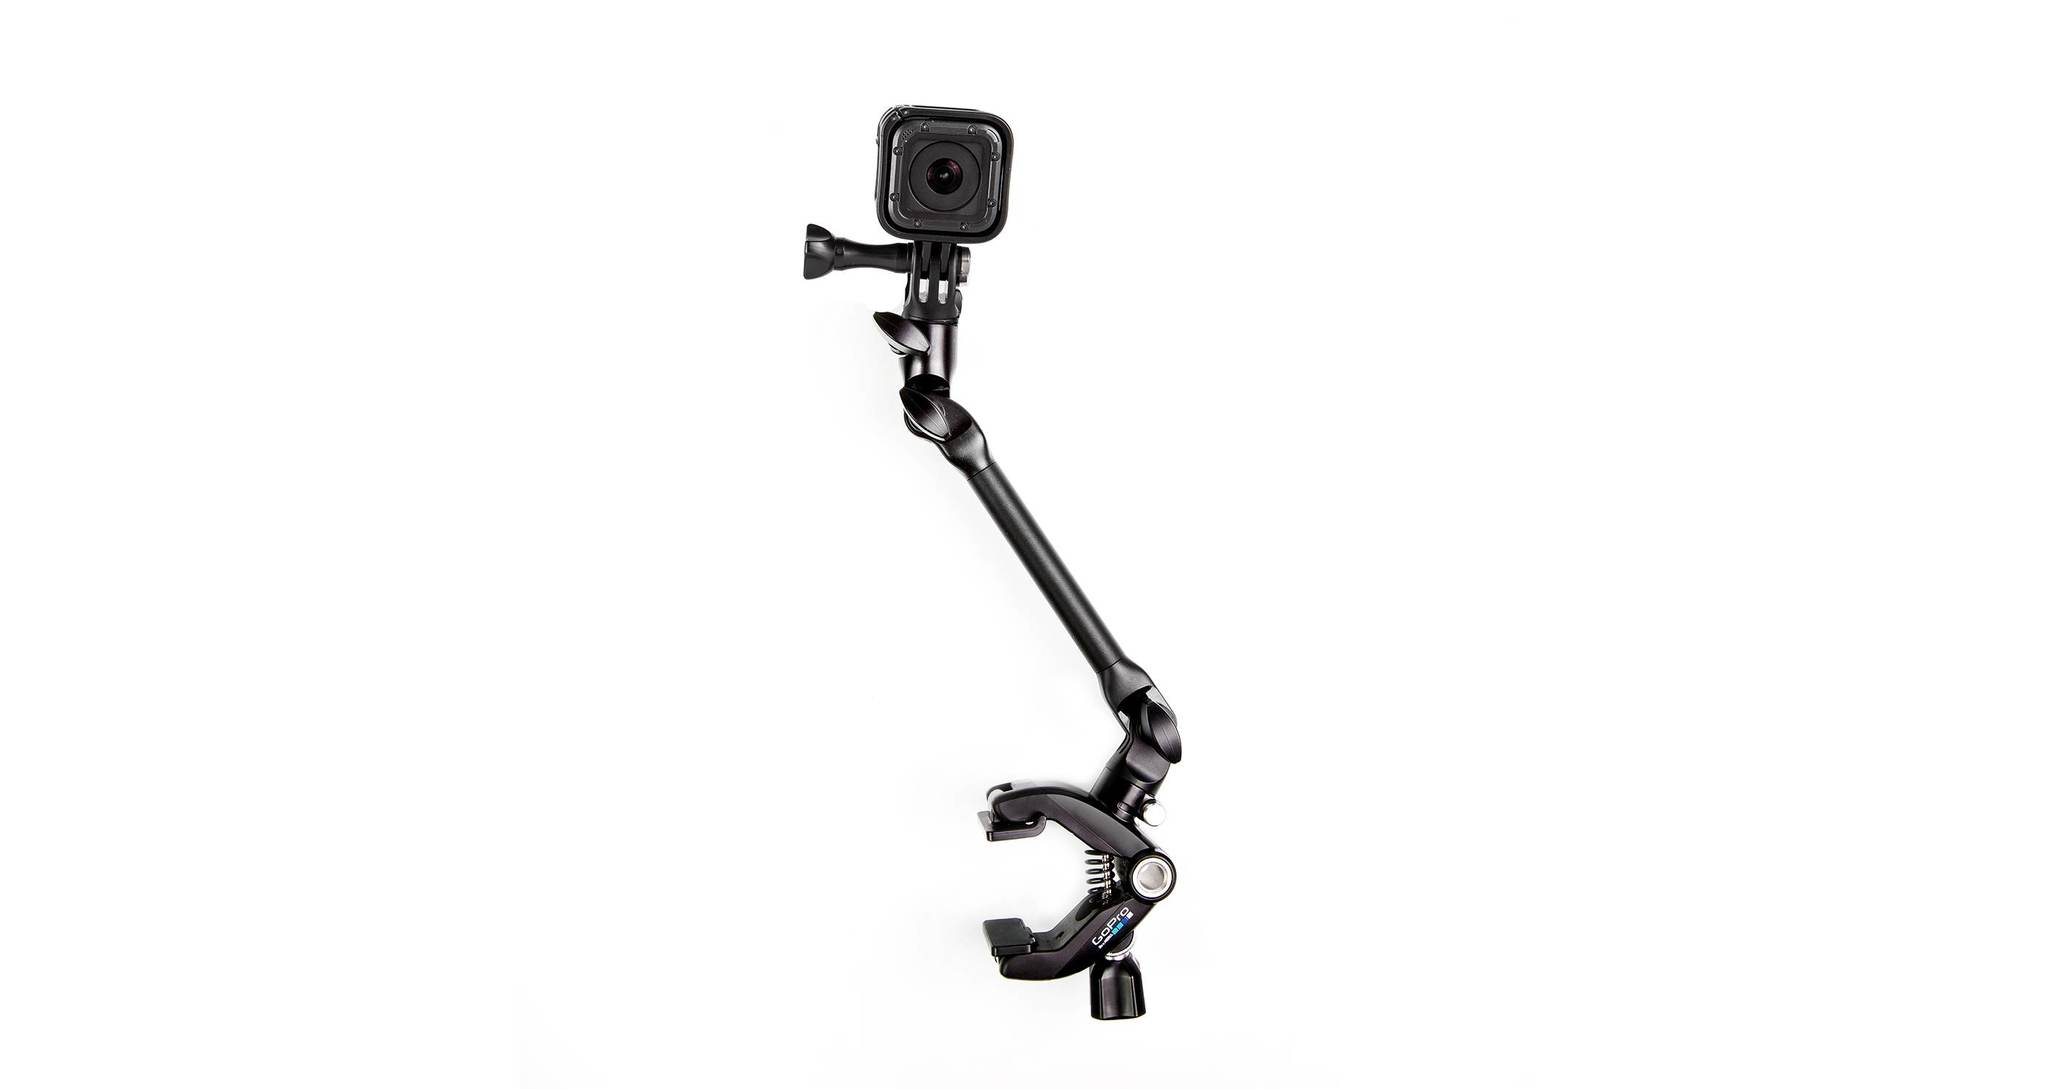 Крепление для музыкальных инструментов GoPro AMCLP-001 The Jam-Adjustable Music с камерой session